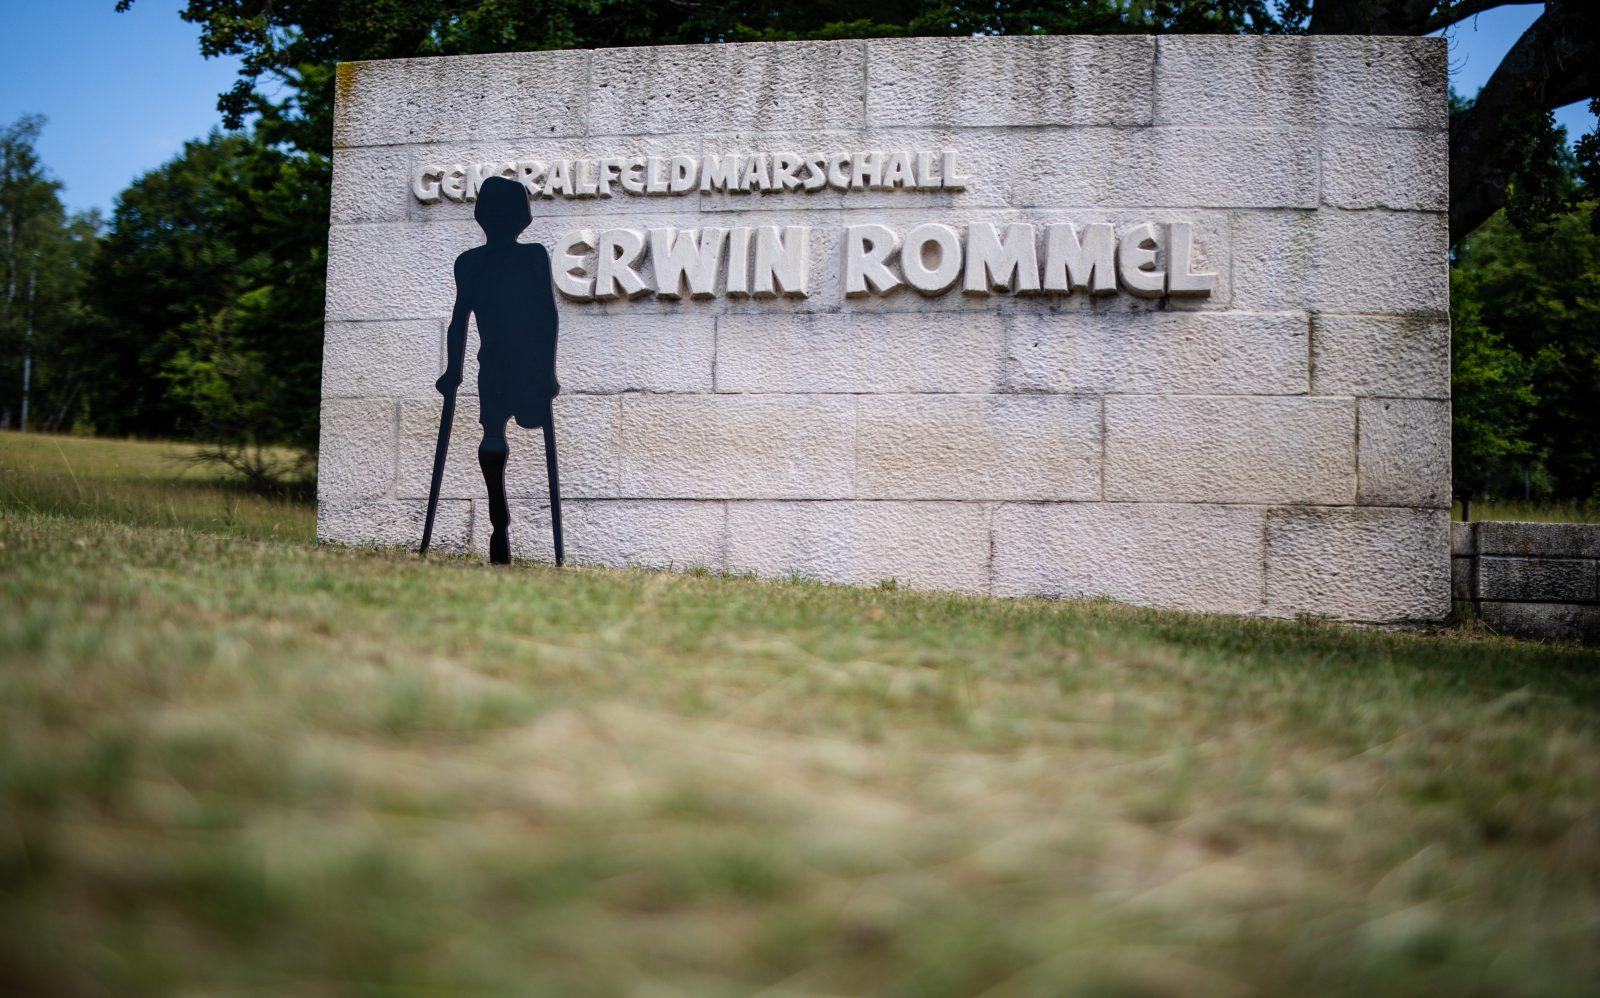 Die neue Skulptur steht direkt vor dem Rommel-Denkmal in Heidenheim Foto: picture alliance/Christoph Schmidt/dpa